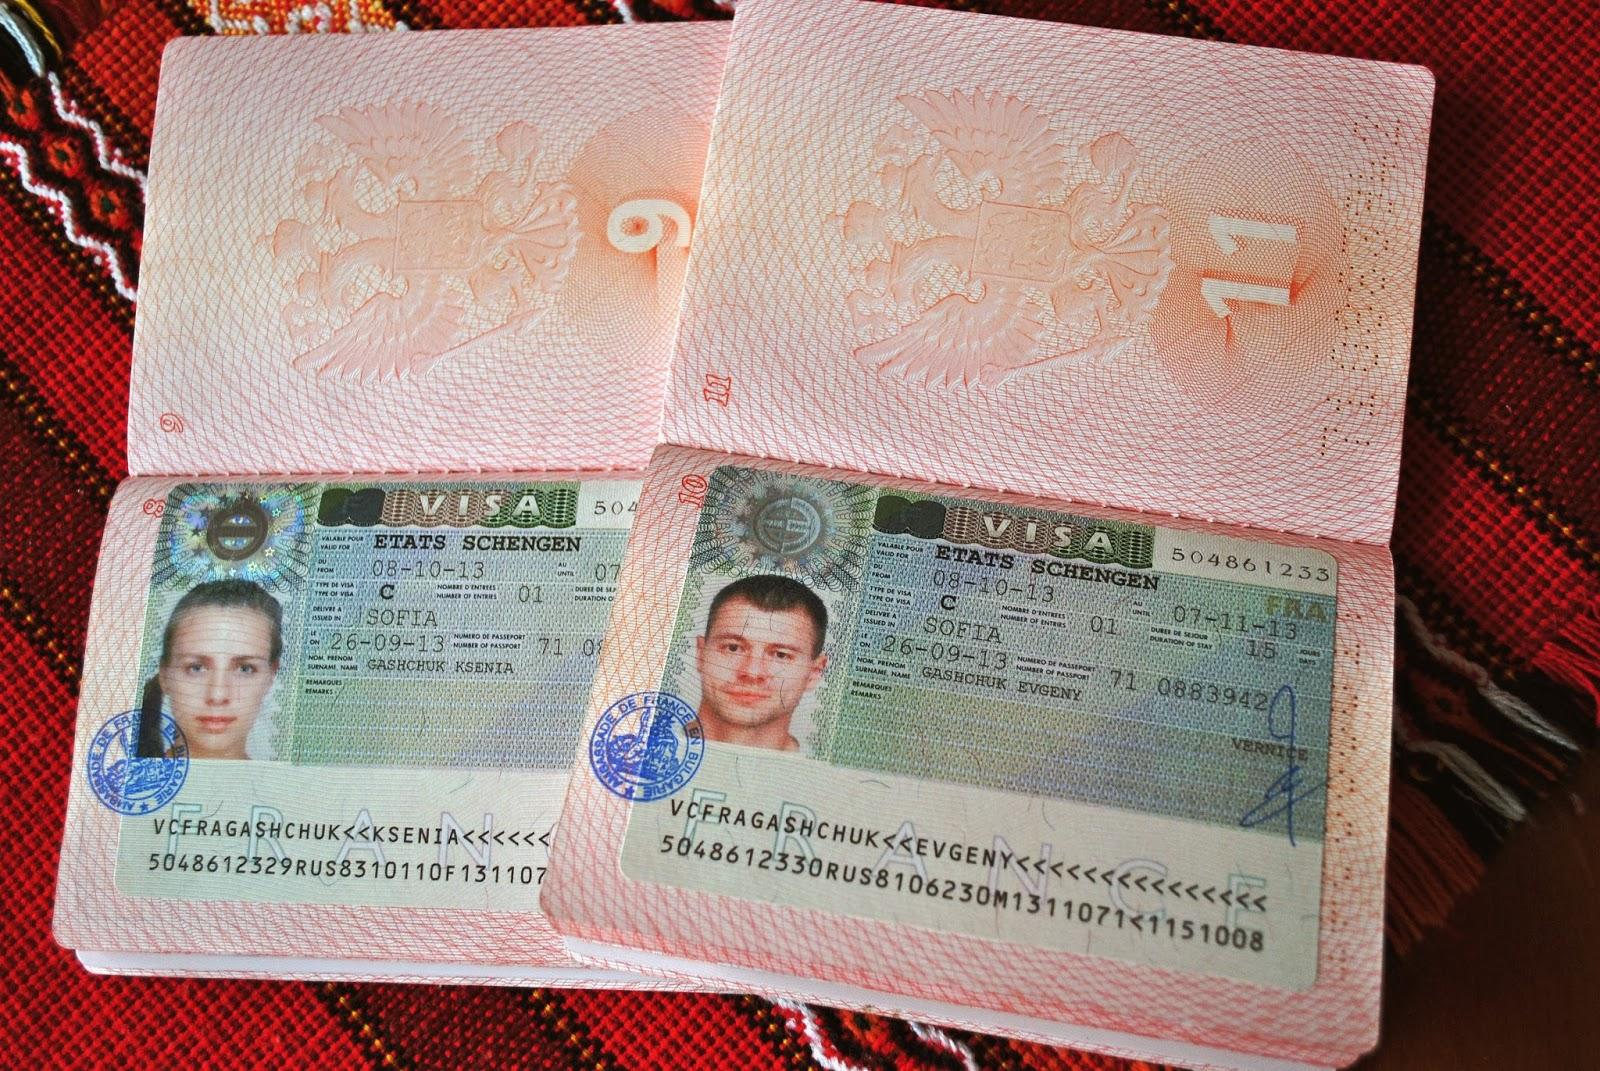 где смотреть номер шенгенской визы